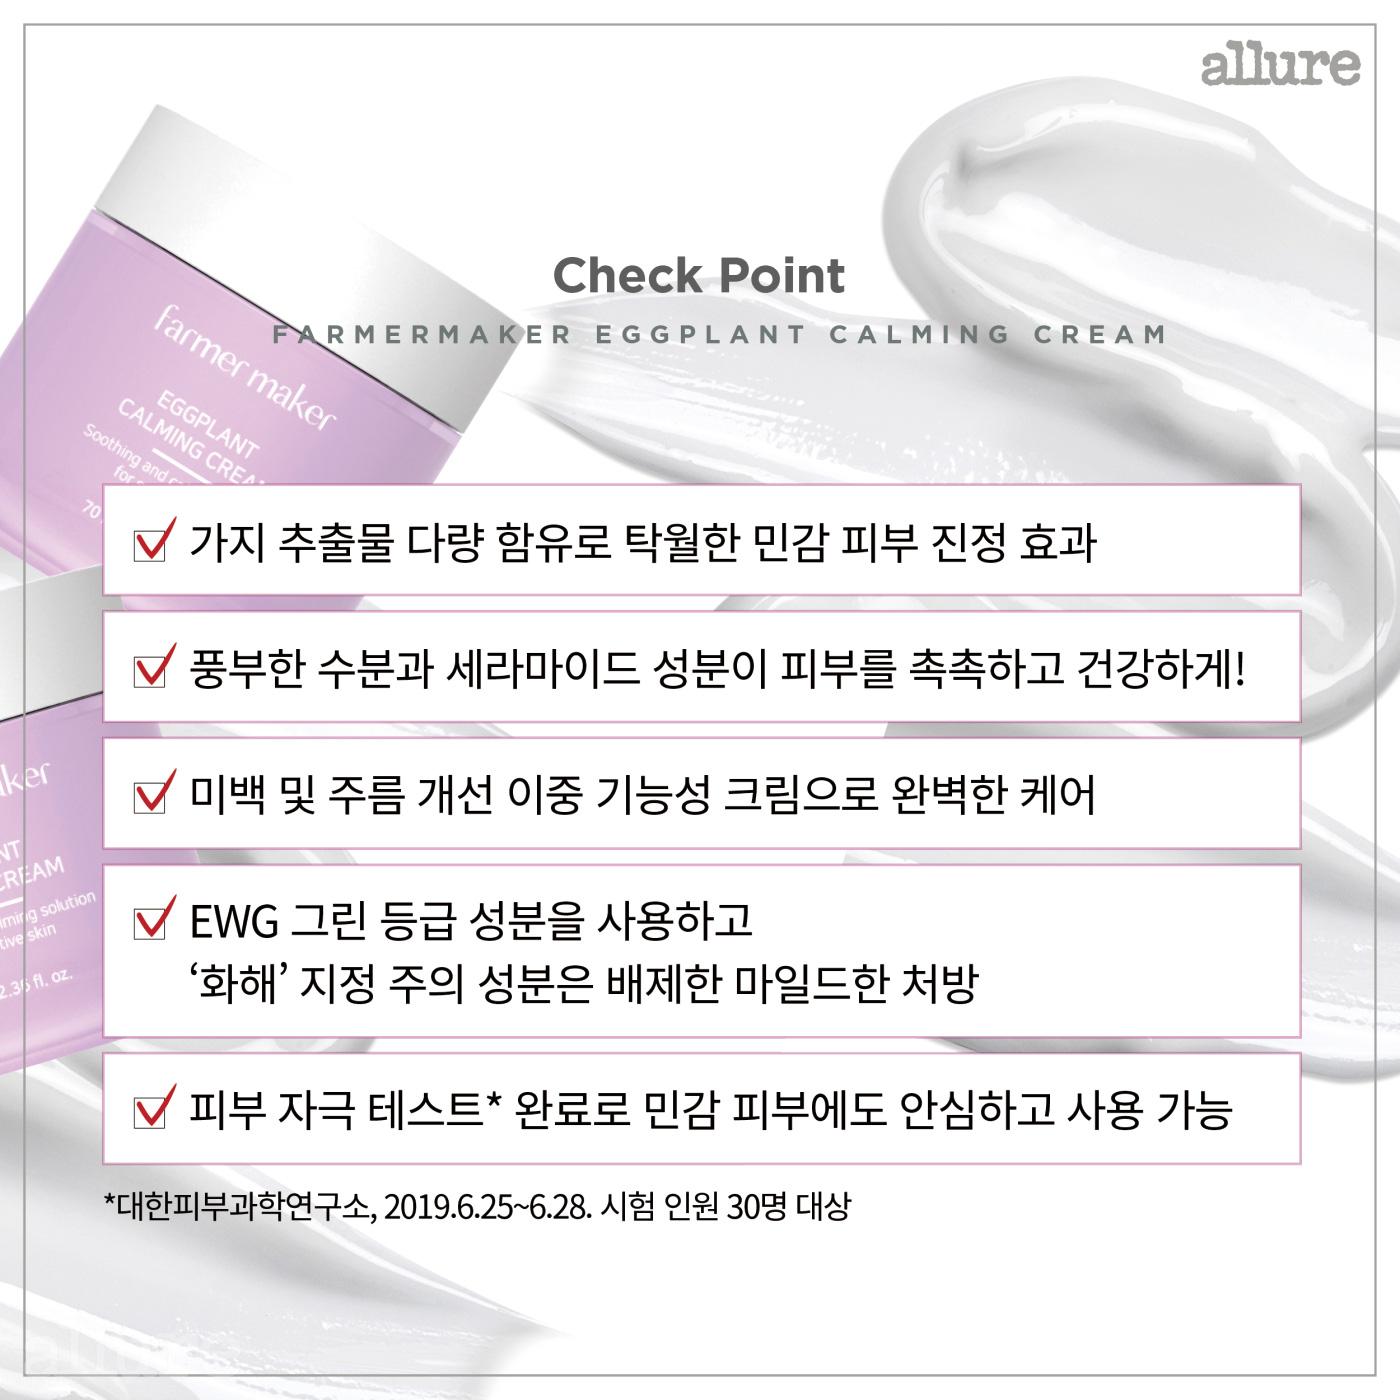 CARD 품평단 파머메이커 최종3